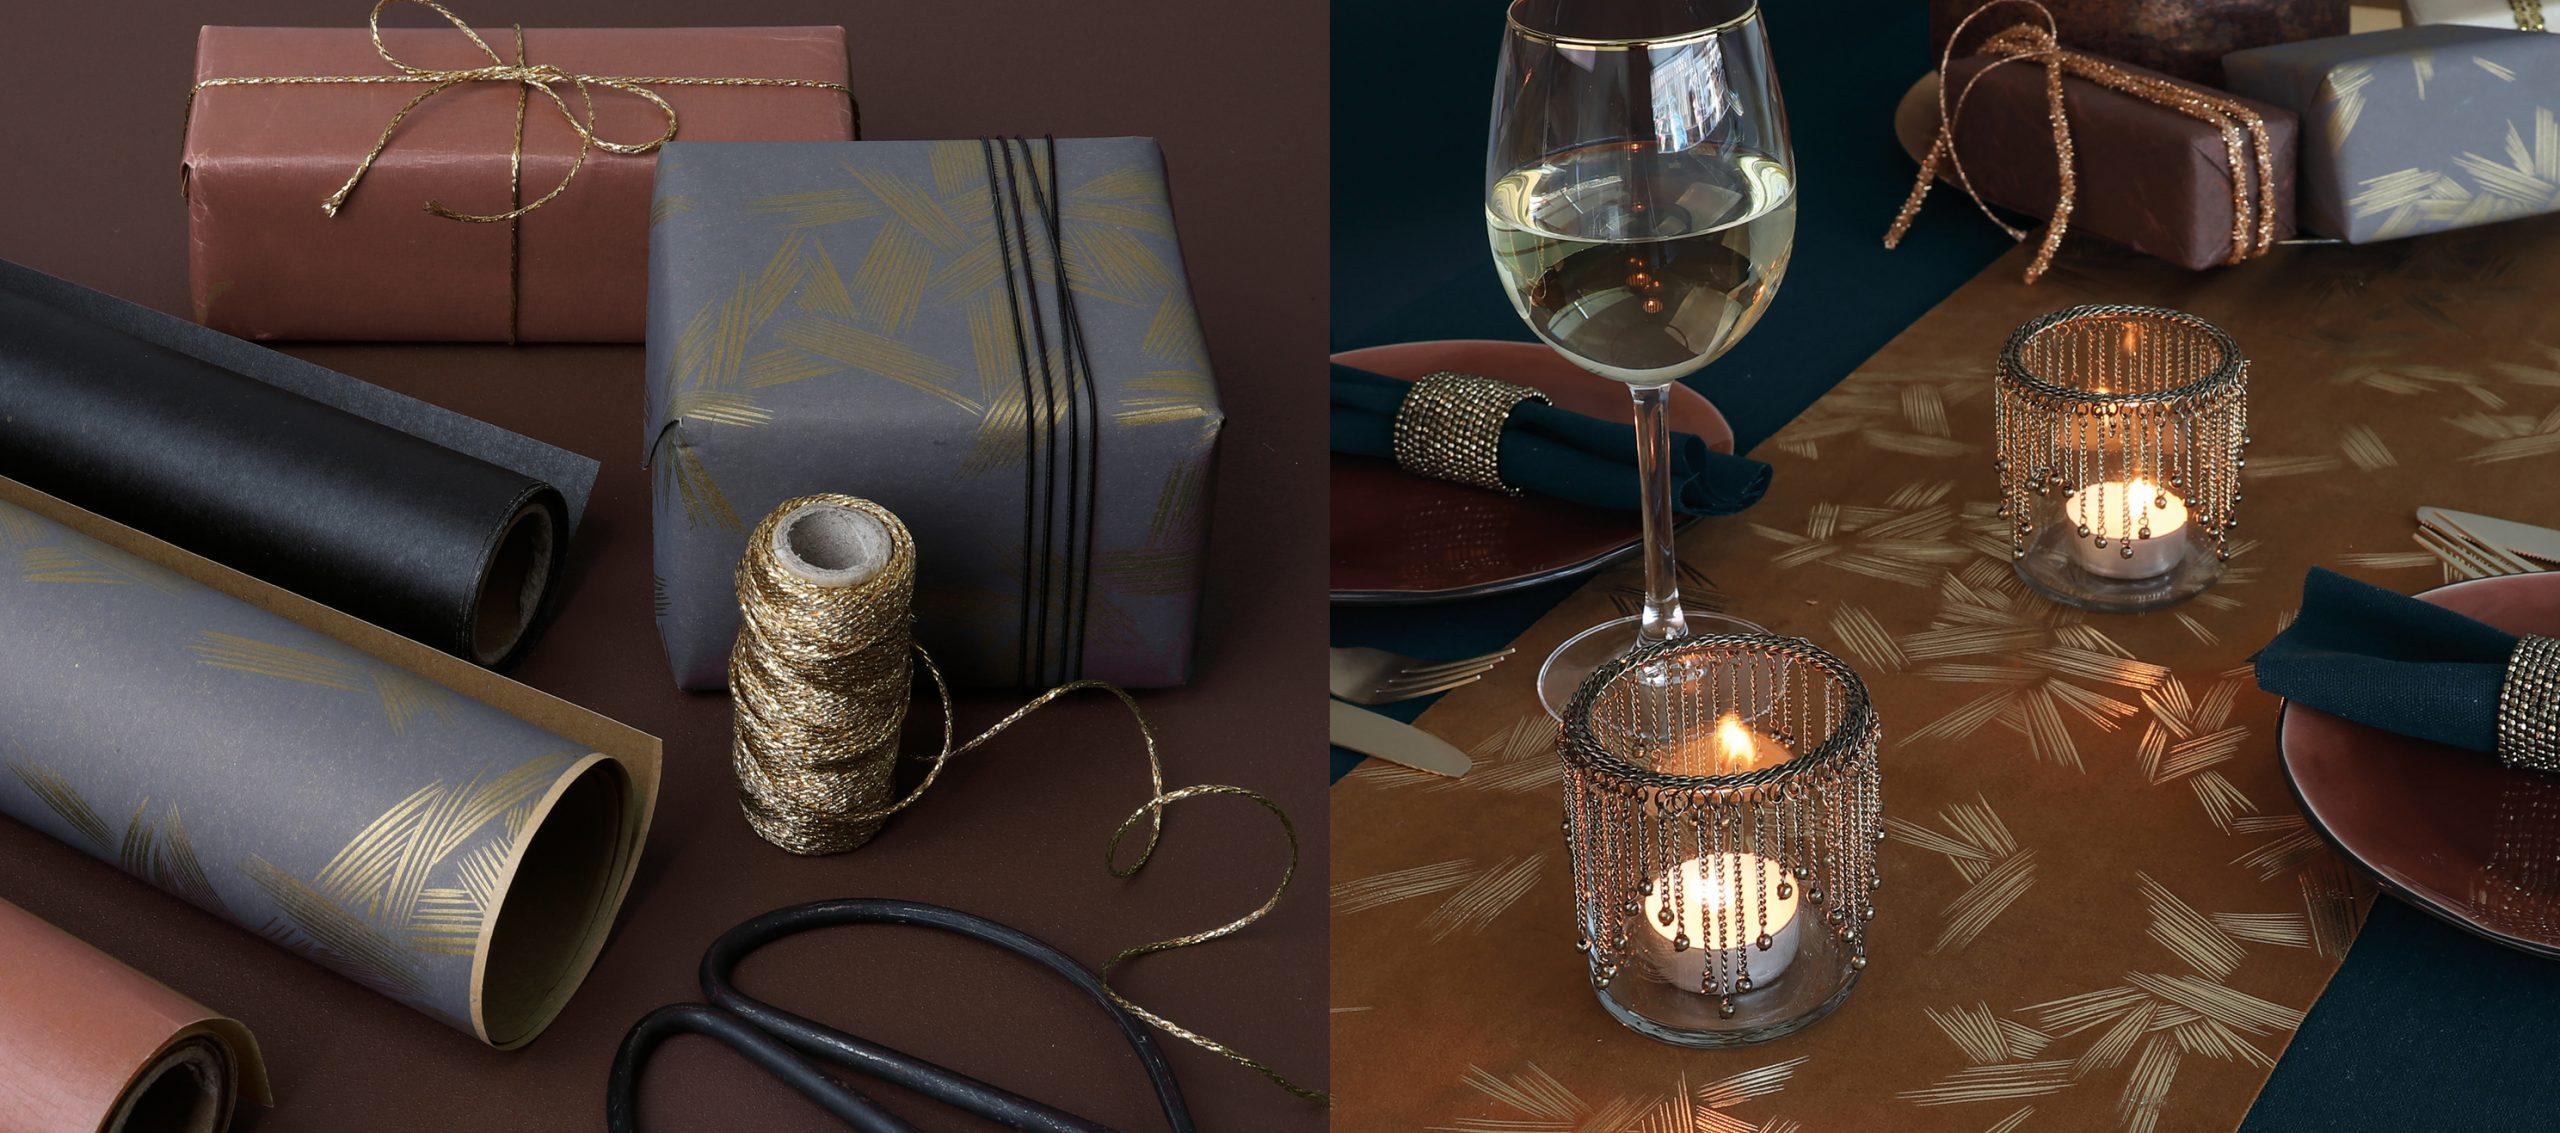 Festiva tafelloper + geschenkpapier